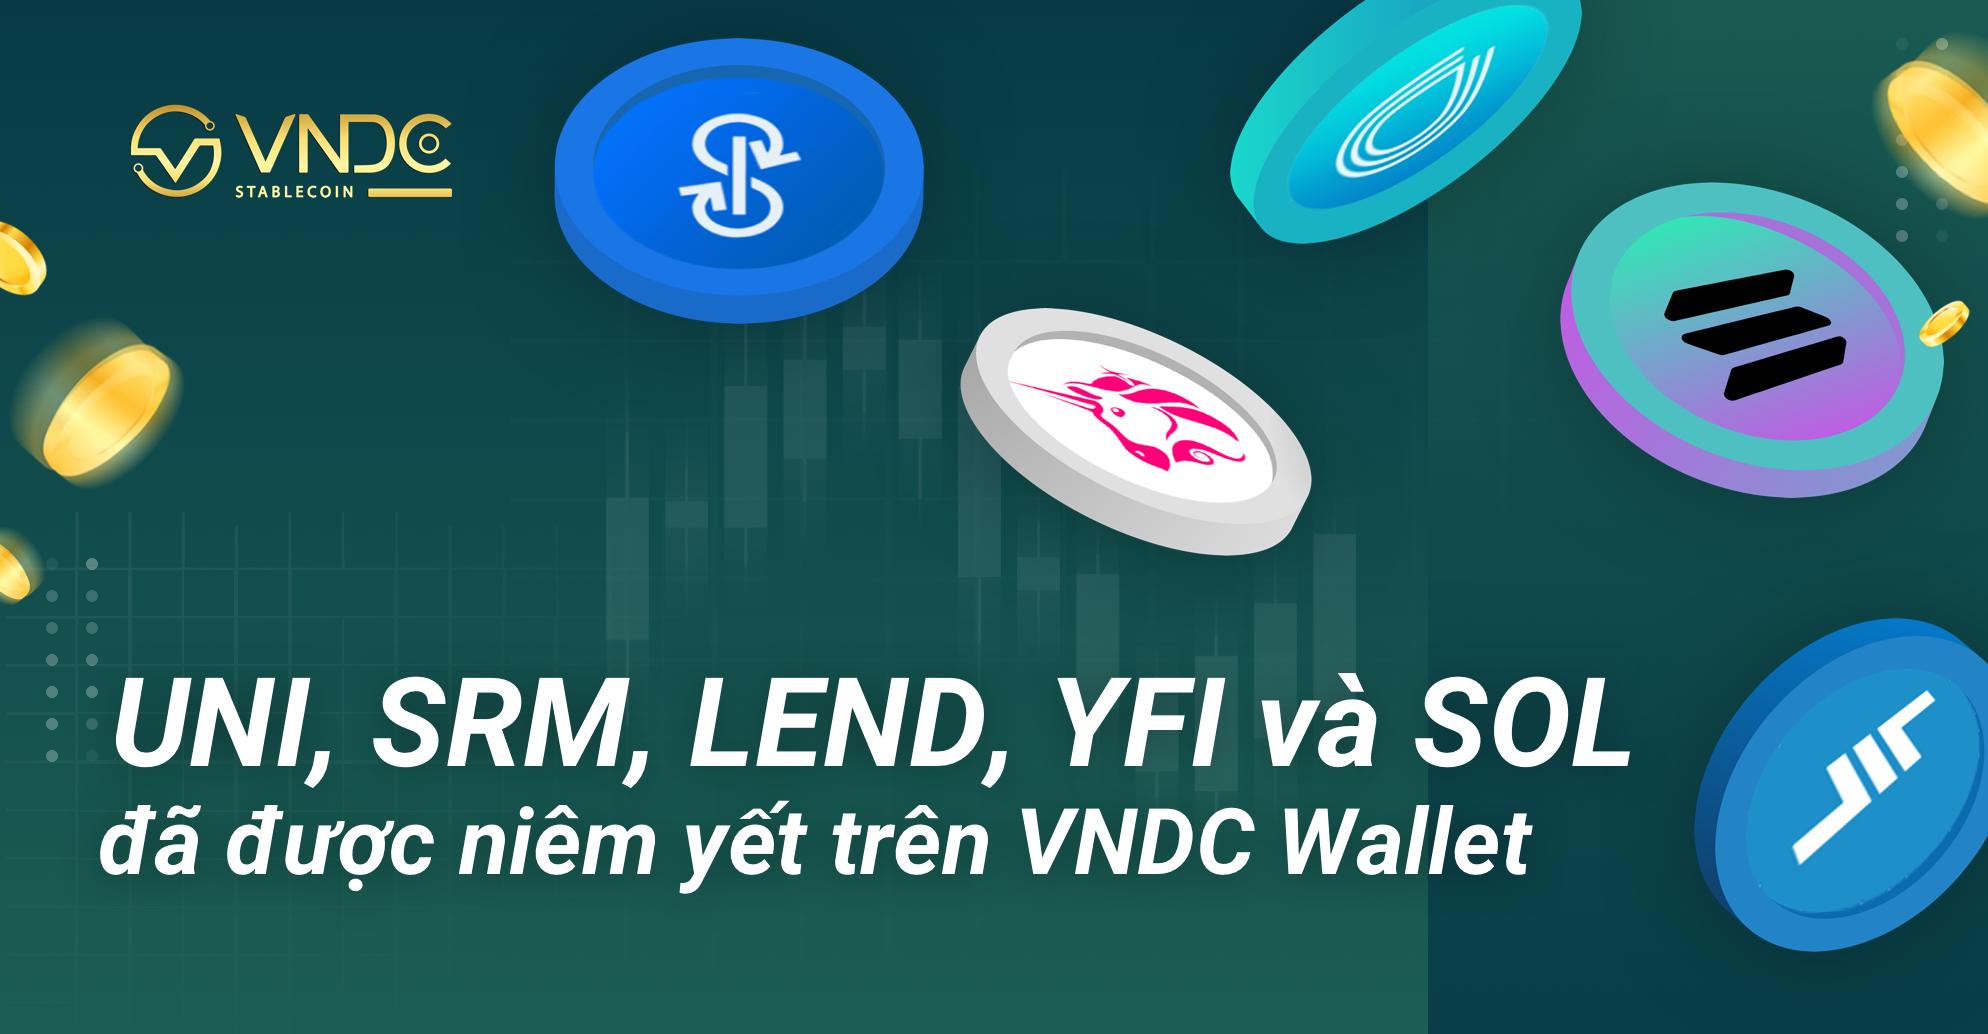 UNI, SRM, LEND, YFI, và SOL đã được niêm yết trên VNDC Wallet!